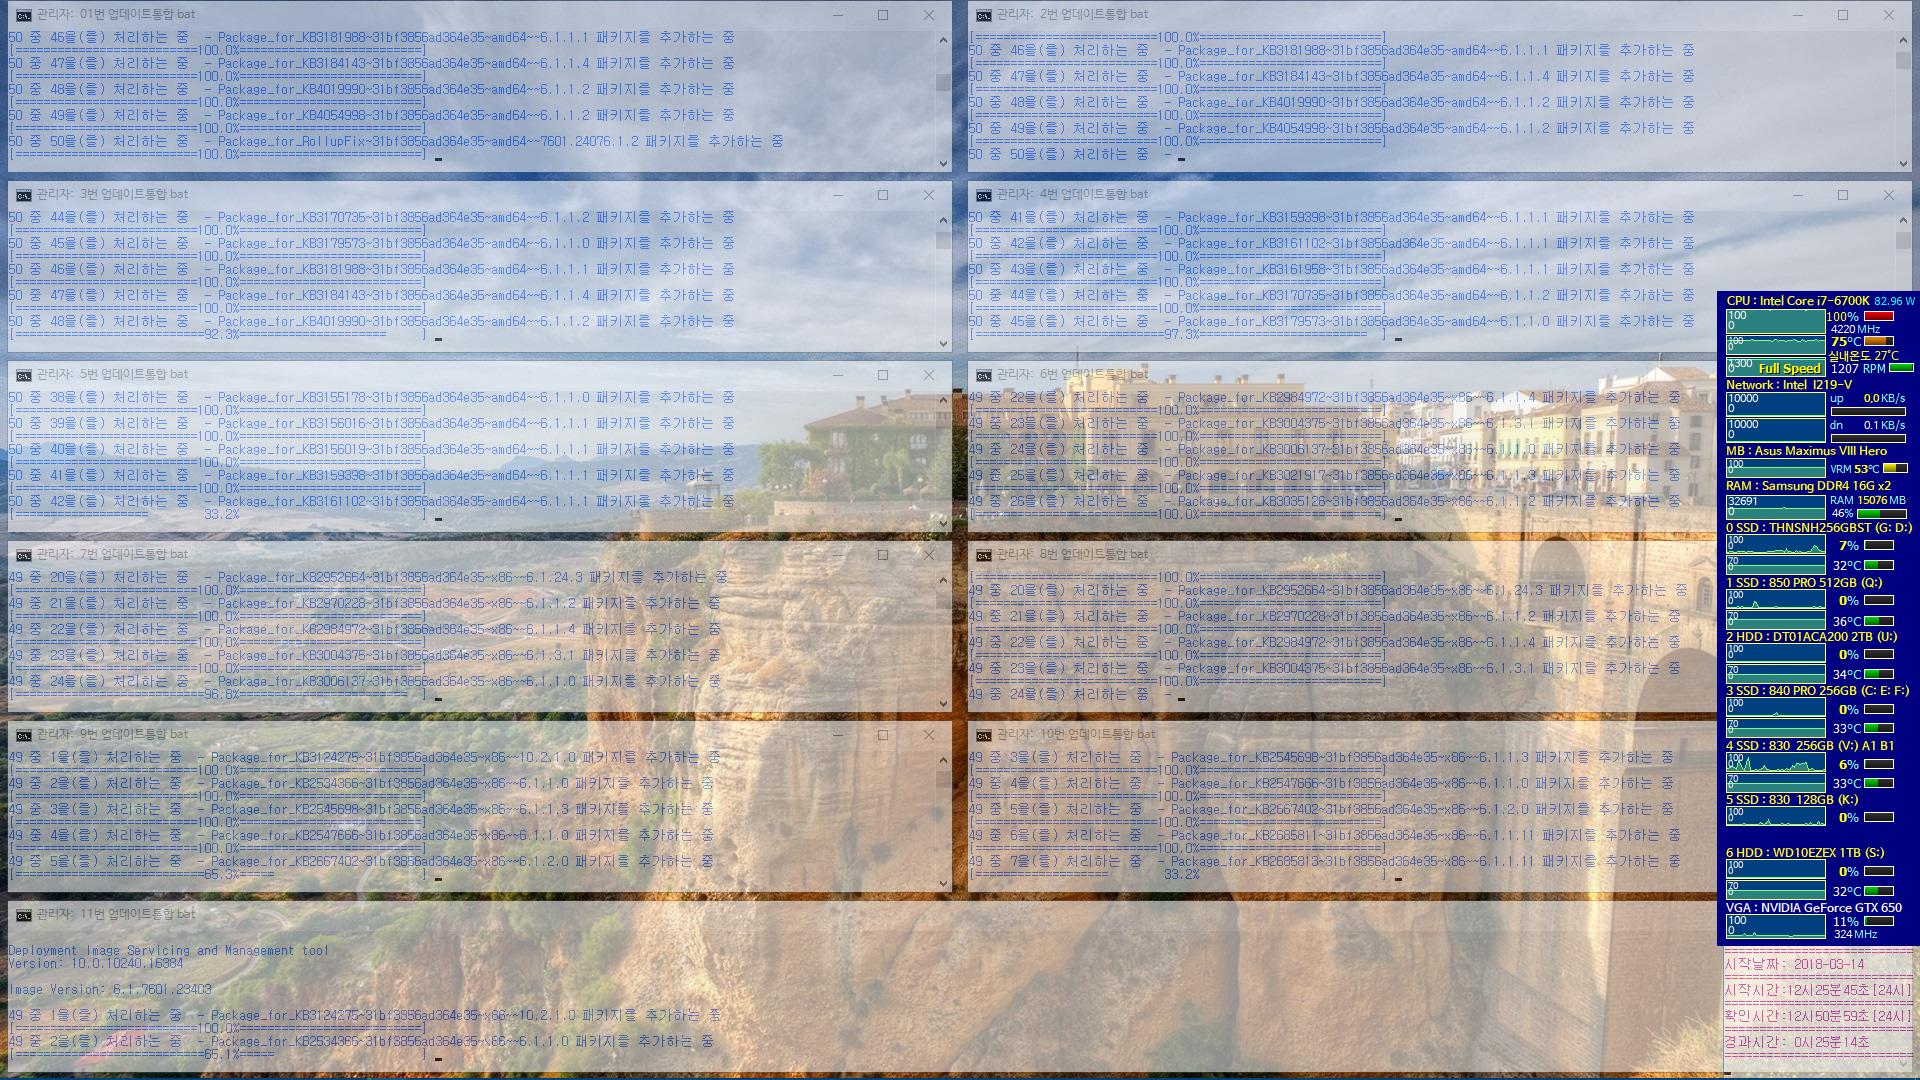 2018년 3월 14일 정기 업데이트 나왔네요 - 윈도7 [7601.24076] IE10 통합중 입니다 2018-03-14_125059.png